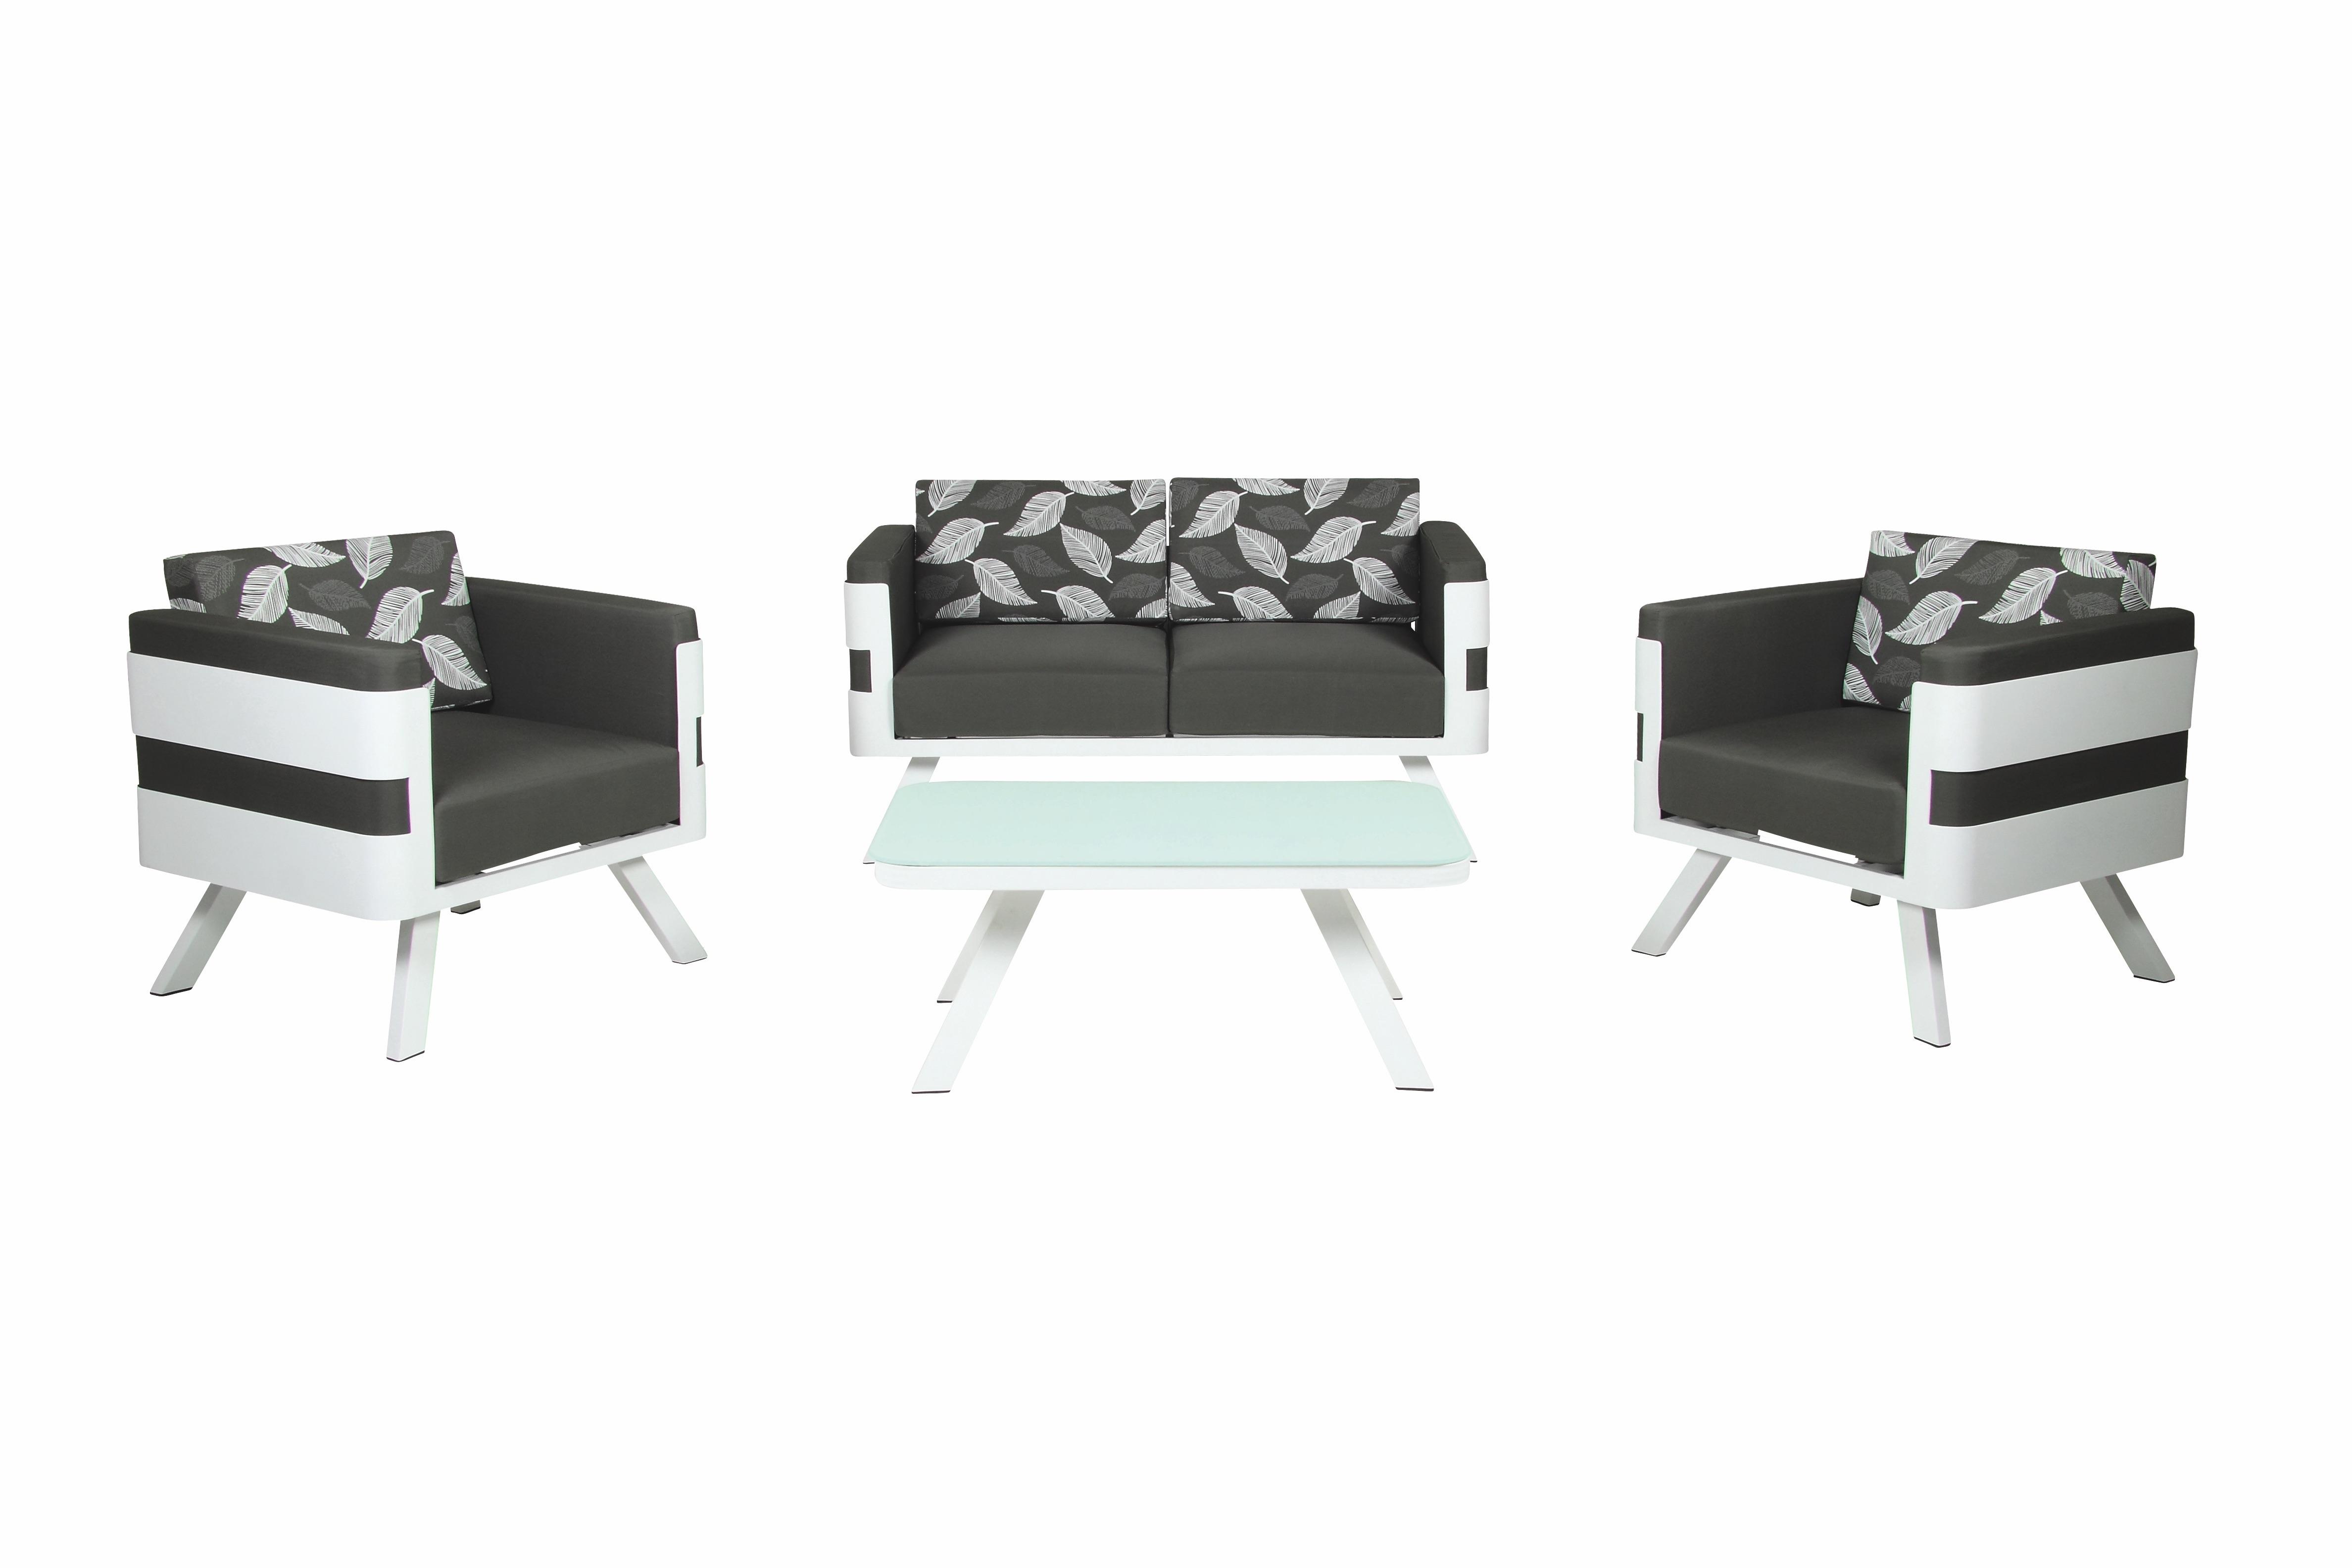 57630 acamp monaco lounge set 4 teilig balkonset terrasse garten balkon m bel ebay. Black Bedroom Furniture Sets. Home Design Ideas